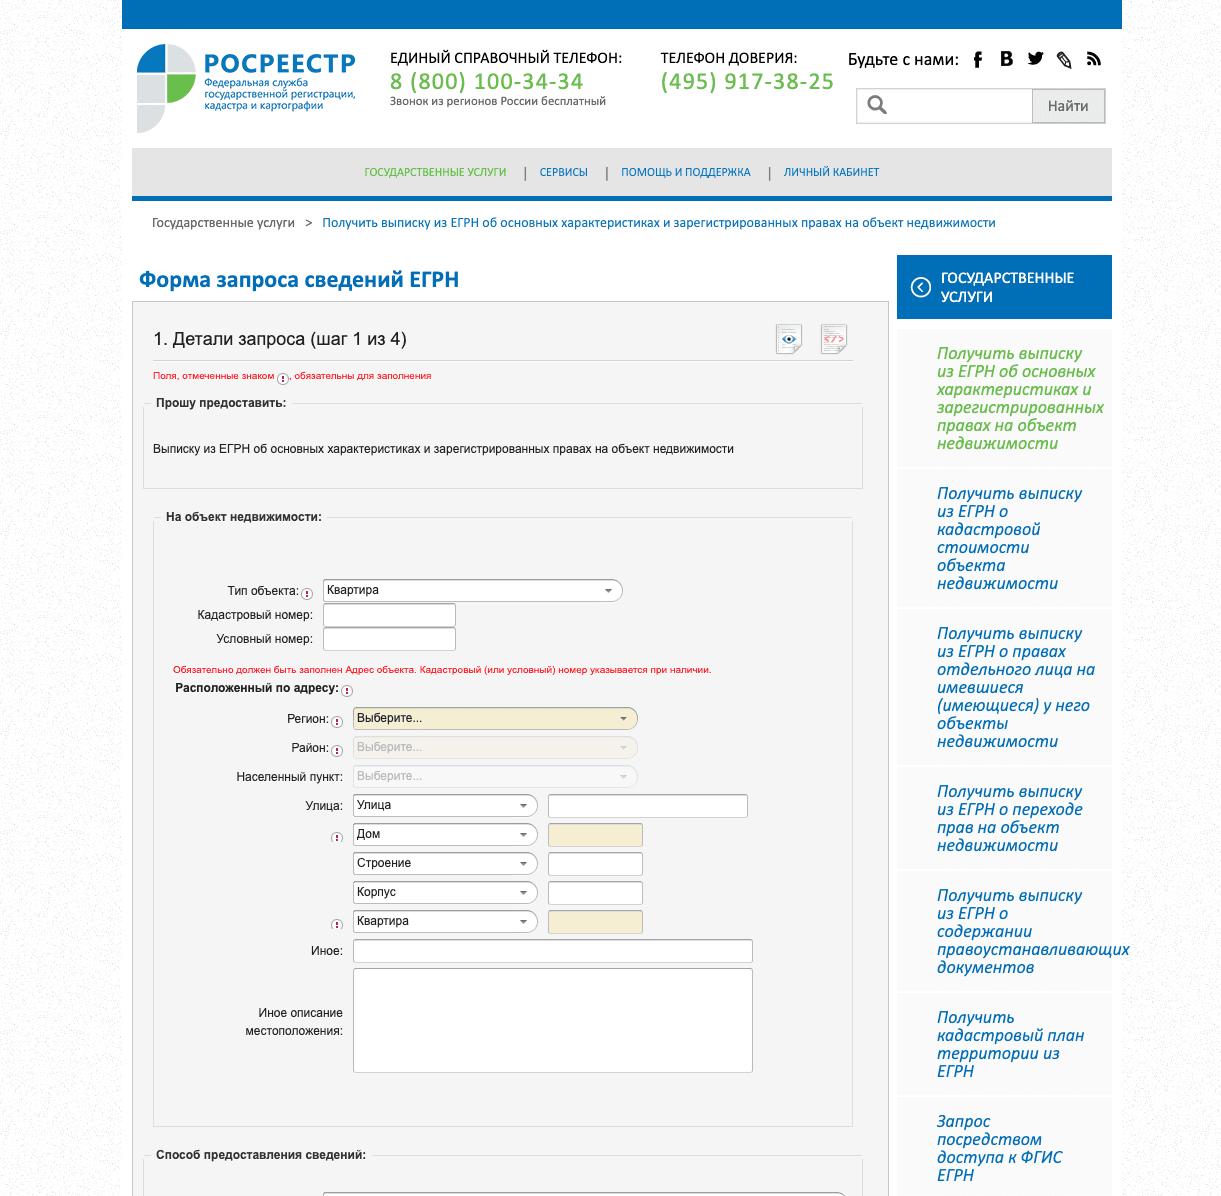 Официальный Сайт Росреестра проверка кто прописан в квартире